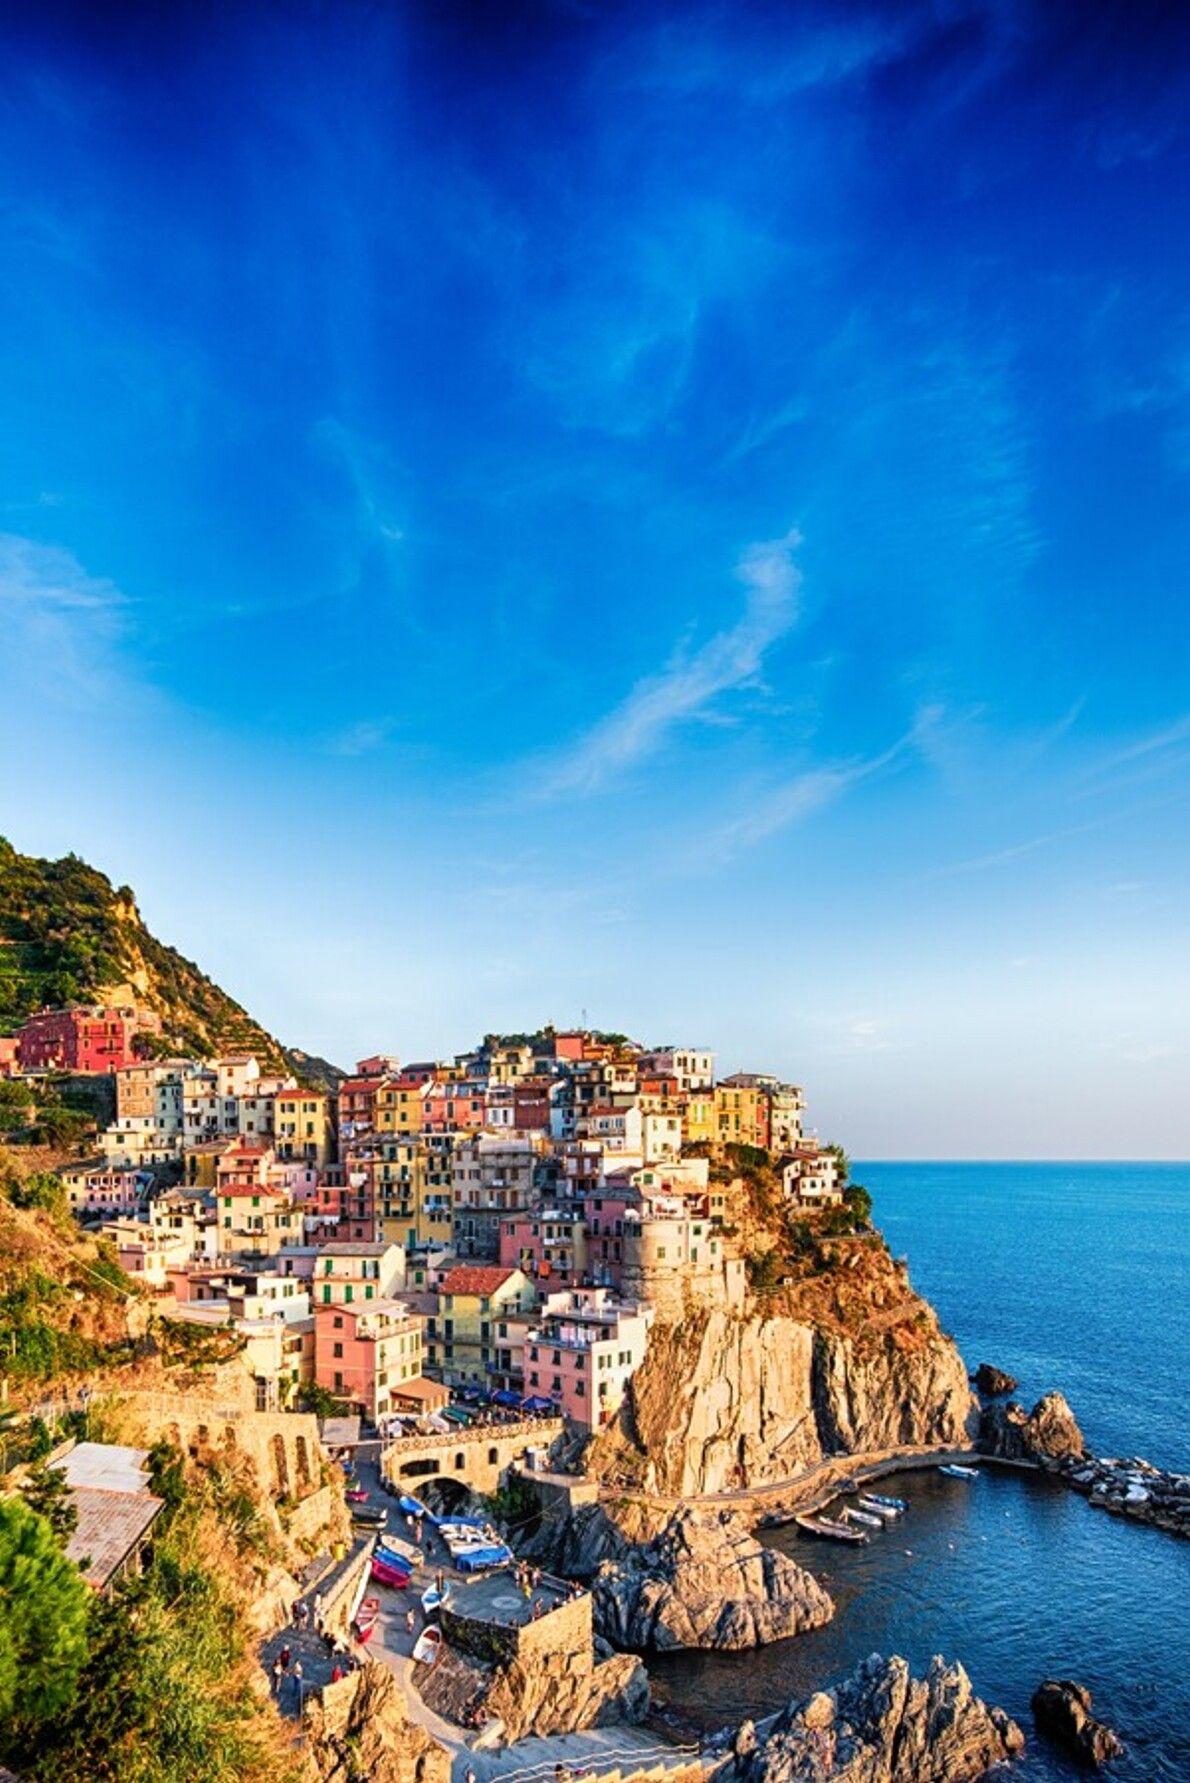 Manarola ist eine der Cinque Terre (Fünf Städte) an der ligurischen Küste, südöstlich von Genua.